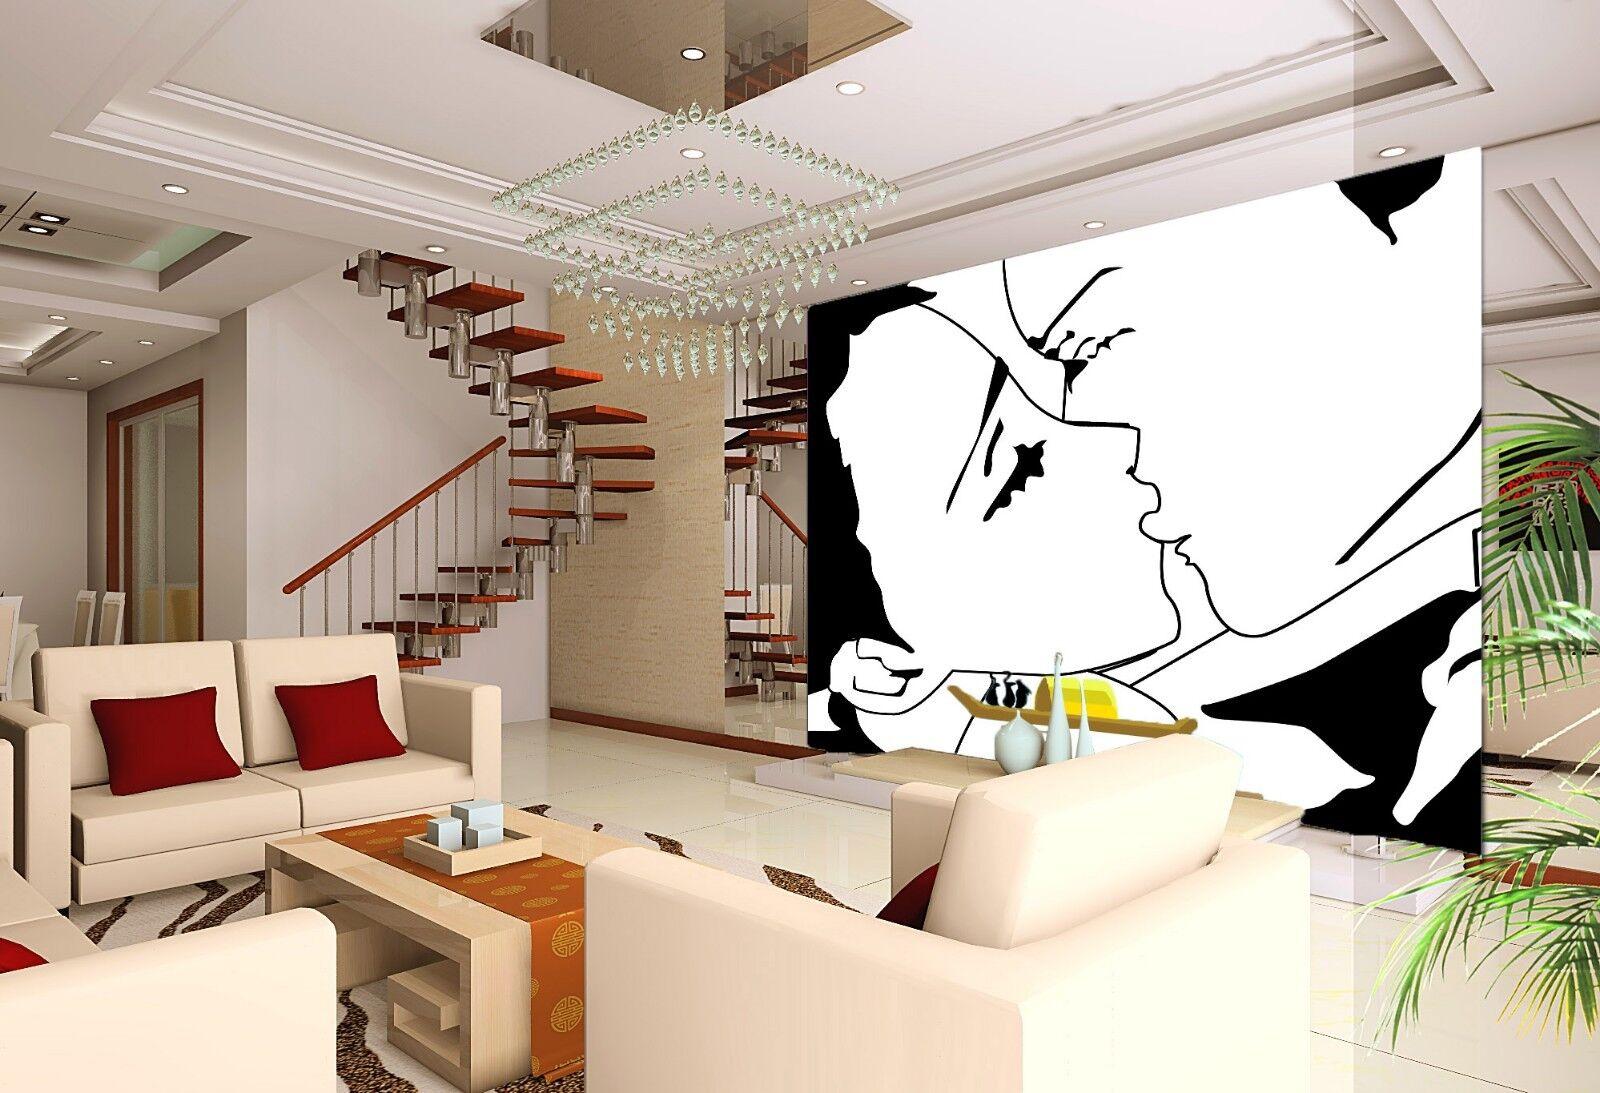 3D Sketch 4200 Wallpaper Murals Wall Print Wallpaper Mural AJ WALL UK Lemon